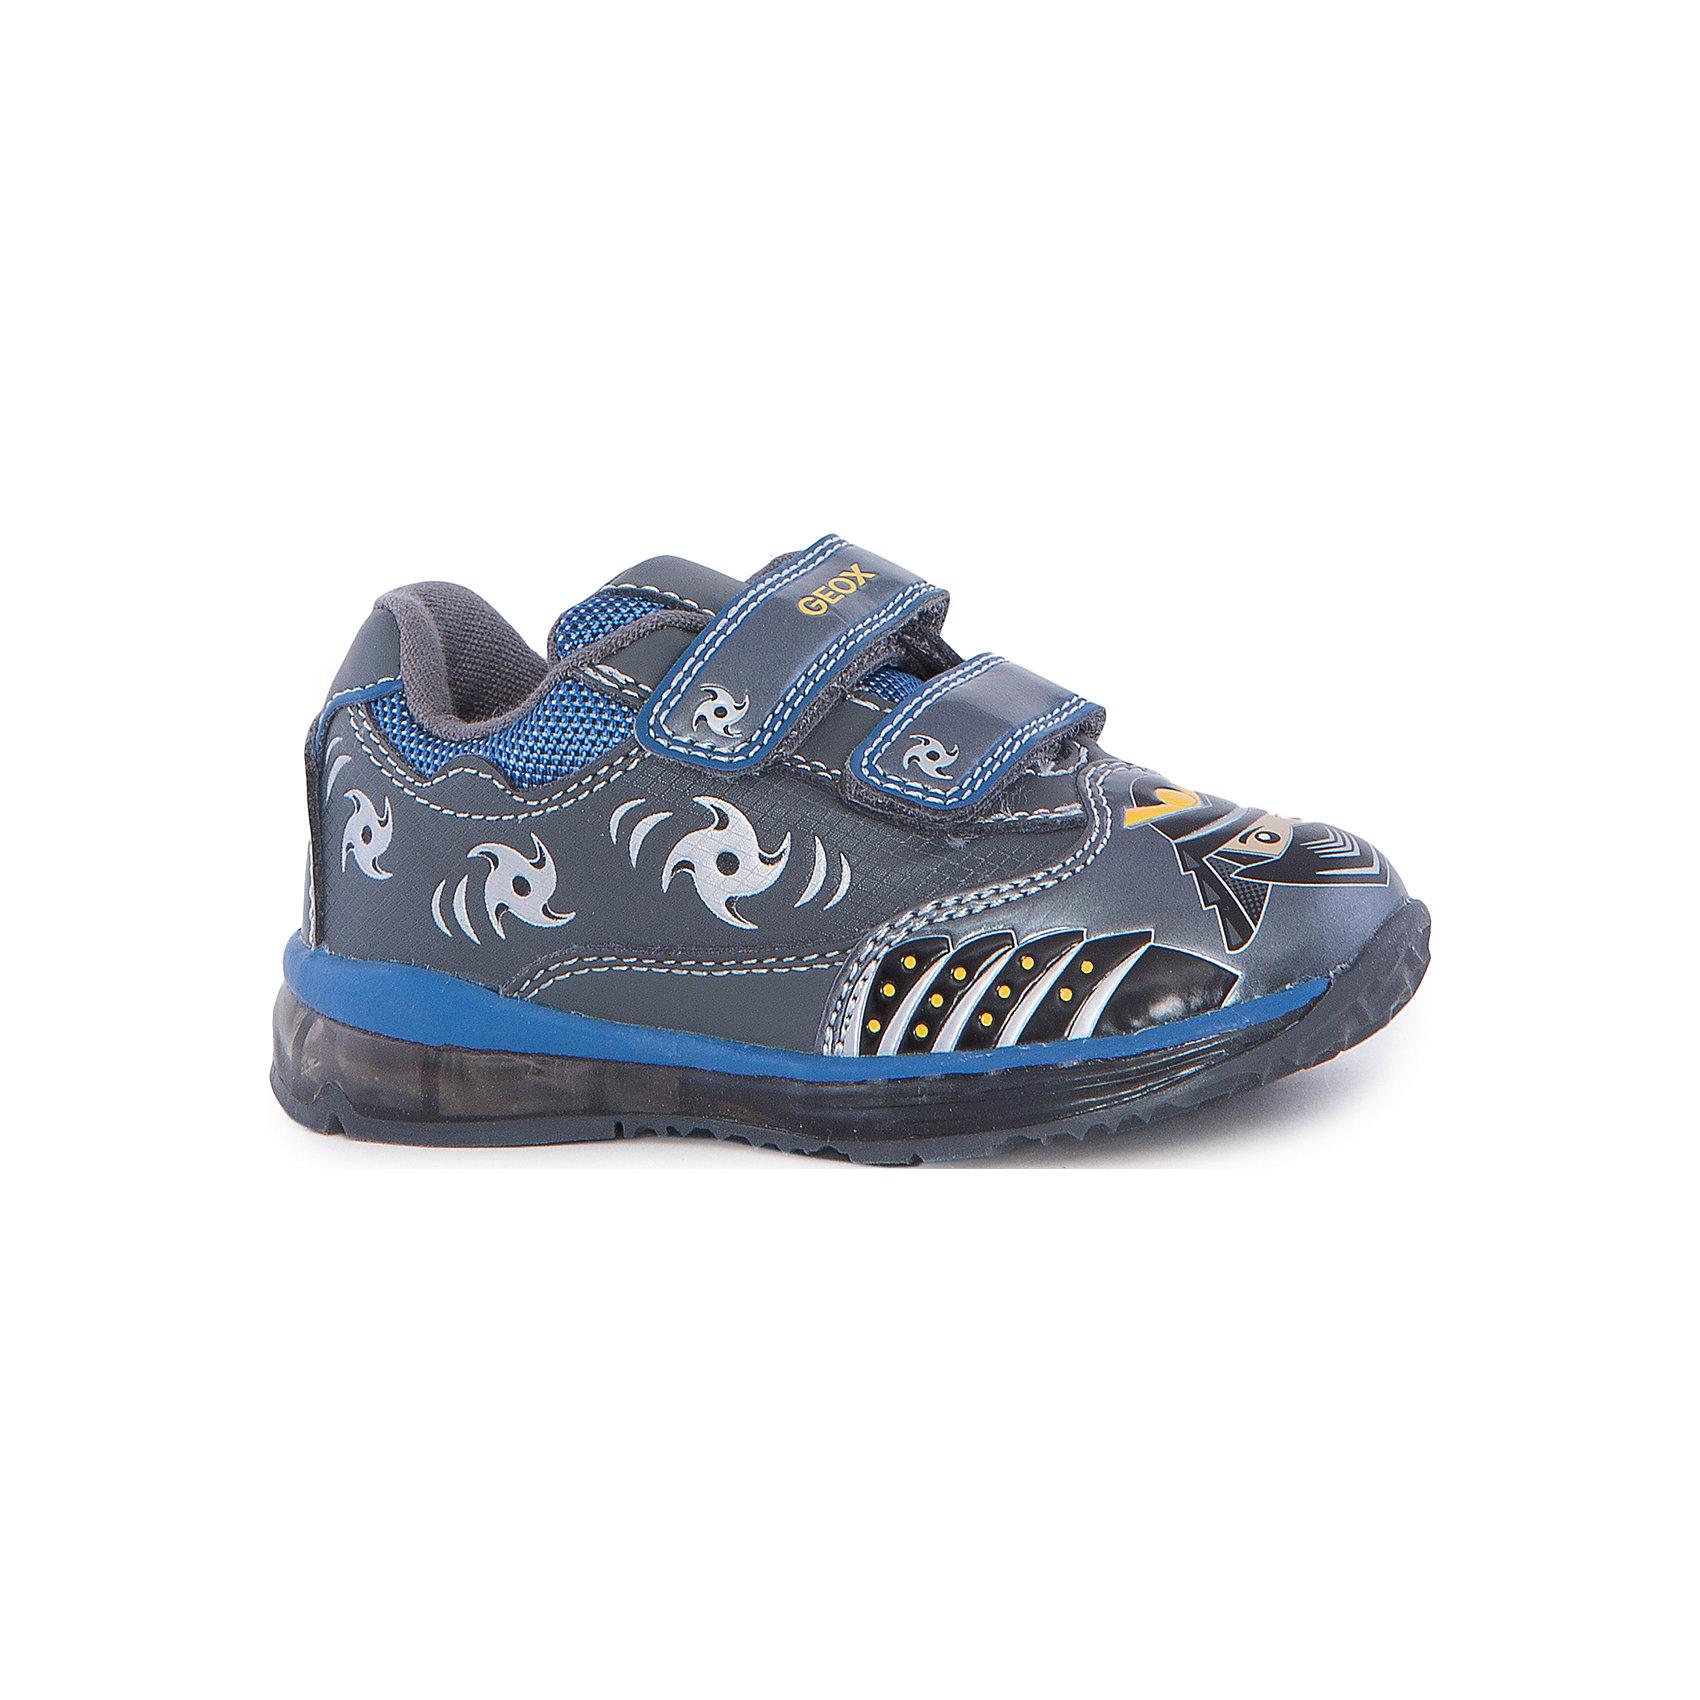 Кроссовки для мальчика GEOXКроссовки<br>Кроссовки для мальчика от знаменитого итальянского бренда взрослой и детской одежды и обуви GEOX (Геокс). Прогулки станут еще веселее! Кроссовки представлены в сером цвете в совмещении с серебристыми, синими и желтыми деталями, на них имеются нашитые озорные ниндзи и рисунки сюрикэнов. Идеальные для игр, кроссовки имеют веселую диодную подсветку в подошве, и когда ребенок наступает на нее, загораются огоньки синего и желтого цвета. Разработанная технология подошвы кроссовок не позволяет им скользить, амортизирует шаги, не пропускает воду и позволяет стопе дышать. Мягкая подошва отлично гнется, обеспечивая безопасность шагов малыша, поддерживая стопу, позволяя стоять более уверенно и оставляя свободу движения. Эргономичная антибактериальная стелька и высокий задник хорошо фиксируют голеностоп и удобны в носке. Внутренний материал позволяют легко надевать и снимать кроссовки, застегивая на две практичные липучки. Кроссовки сохраняют тепло маленьких ножек и оставляют их сухими, позволяя им дышать. <br>Дополнительная информация:<br>- Состав:<br>верх:  93% синтетика, 7% текстиль<br>подкладка: текстиль<br>стелька: натуральная кожа <br>подошва: резина<br>Кроссовки для мальчика GEOX (Геокс) можно купить в нашем магазине.<br>Подробнее:<br>• Для детей в возрасте: от 12 месяцев до 4 лет<br>• Номер товара: 5007826<br>Страна производитель: Китай<br><br>Ширина мм: 250<br>Глубина мм: 150<br>Высота мм: 150<br>Вес г: 250<br>Цвет: серый/синий<br>Возраст от месяцев: 21<br>Возраст до месяцев: 24<br>Пол: Мужской<br>Возраст: Детский<br>Размер: 27,23,25,26,24<br>SKU: 5007826